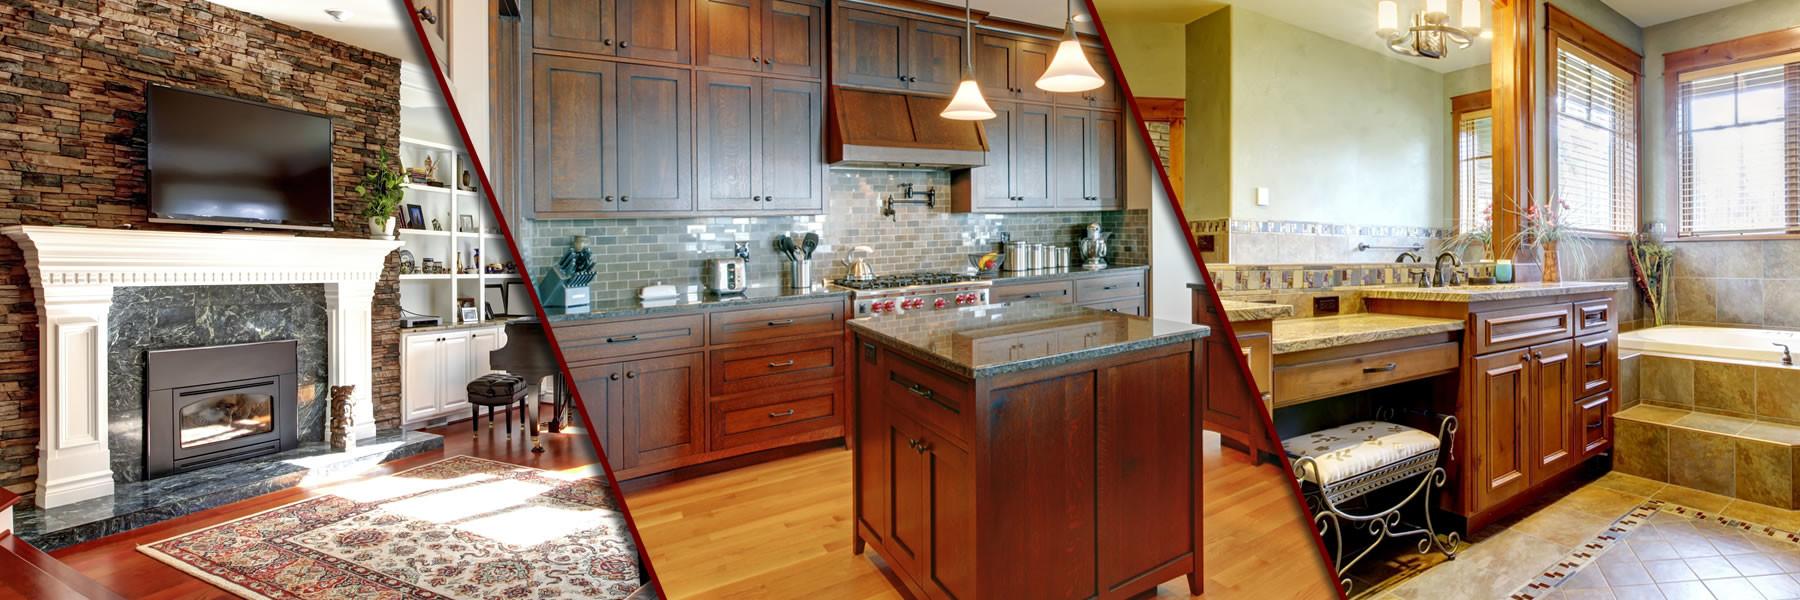 orange county bathroom remodeling, kitchen remodeling, home design